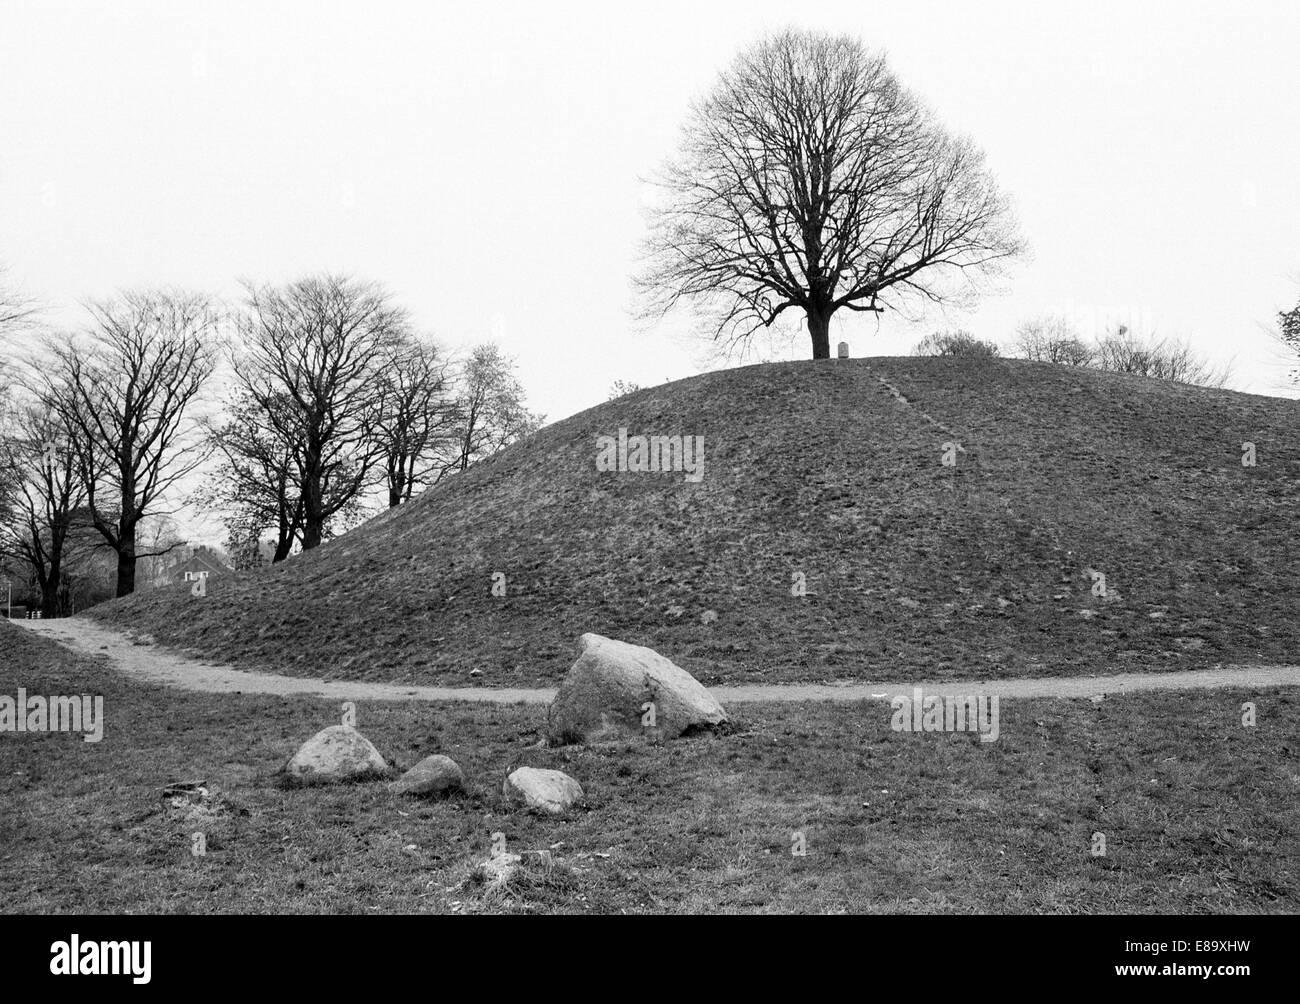 Achtziger Jahre, Plytenberg, Erdhuegel, im Mittelalter Aussichtspunkt fuer die Festung Leerort, Leer, Ostfriesland, - Stock Image